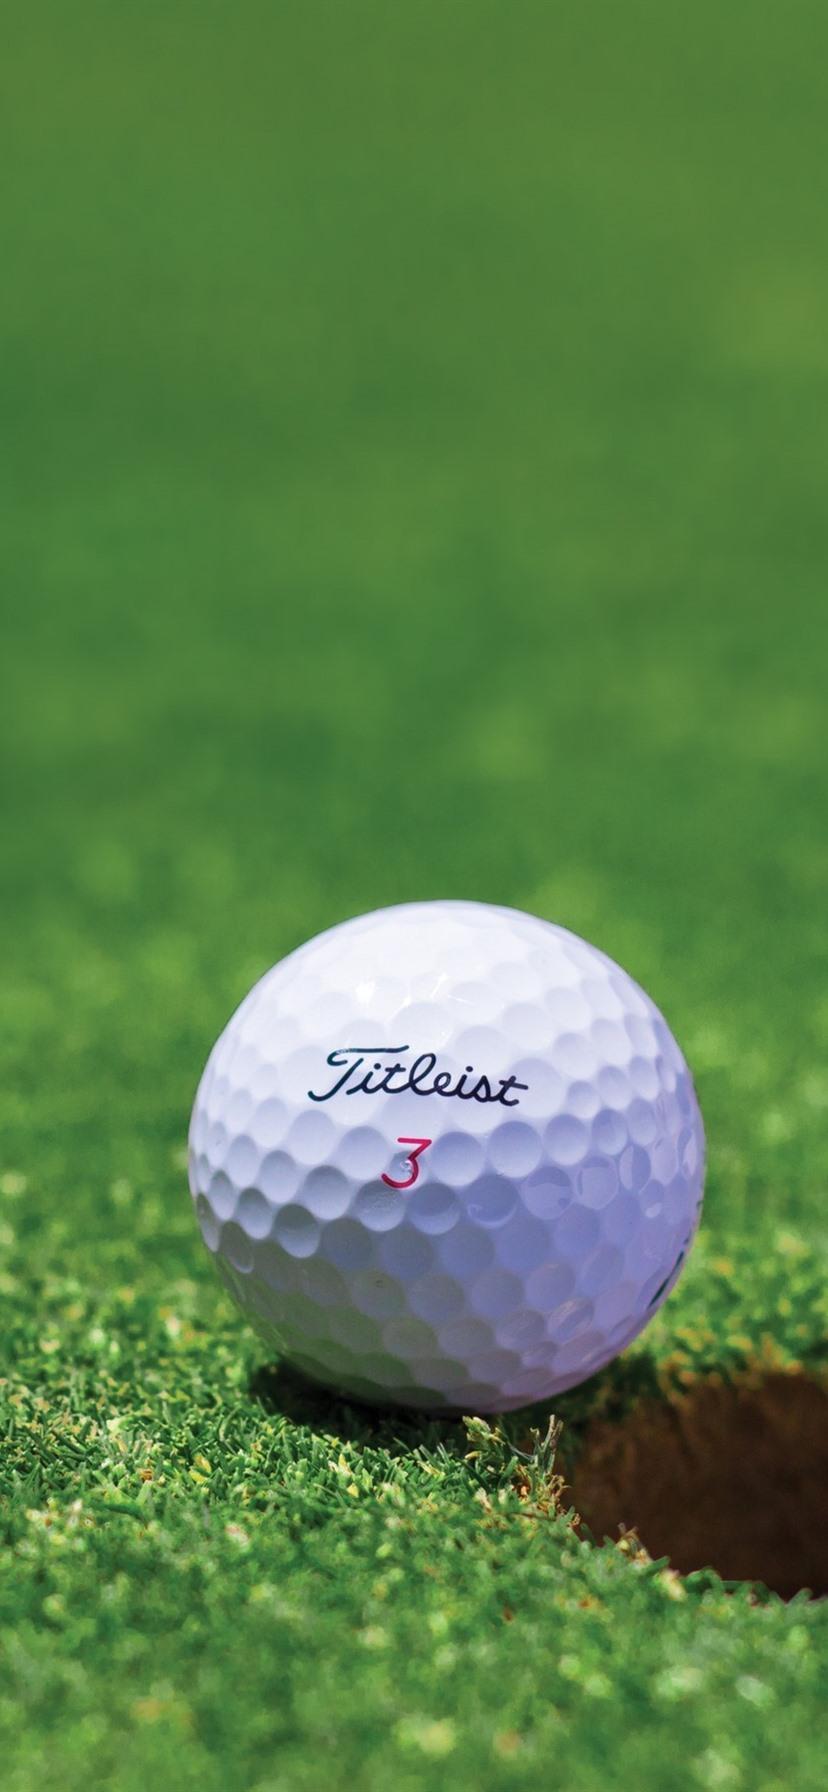 ゴルフ 白いボール 草原 穴 8x1792 Iphone 11 Xr 壁紙 背景 画像